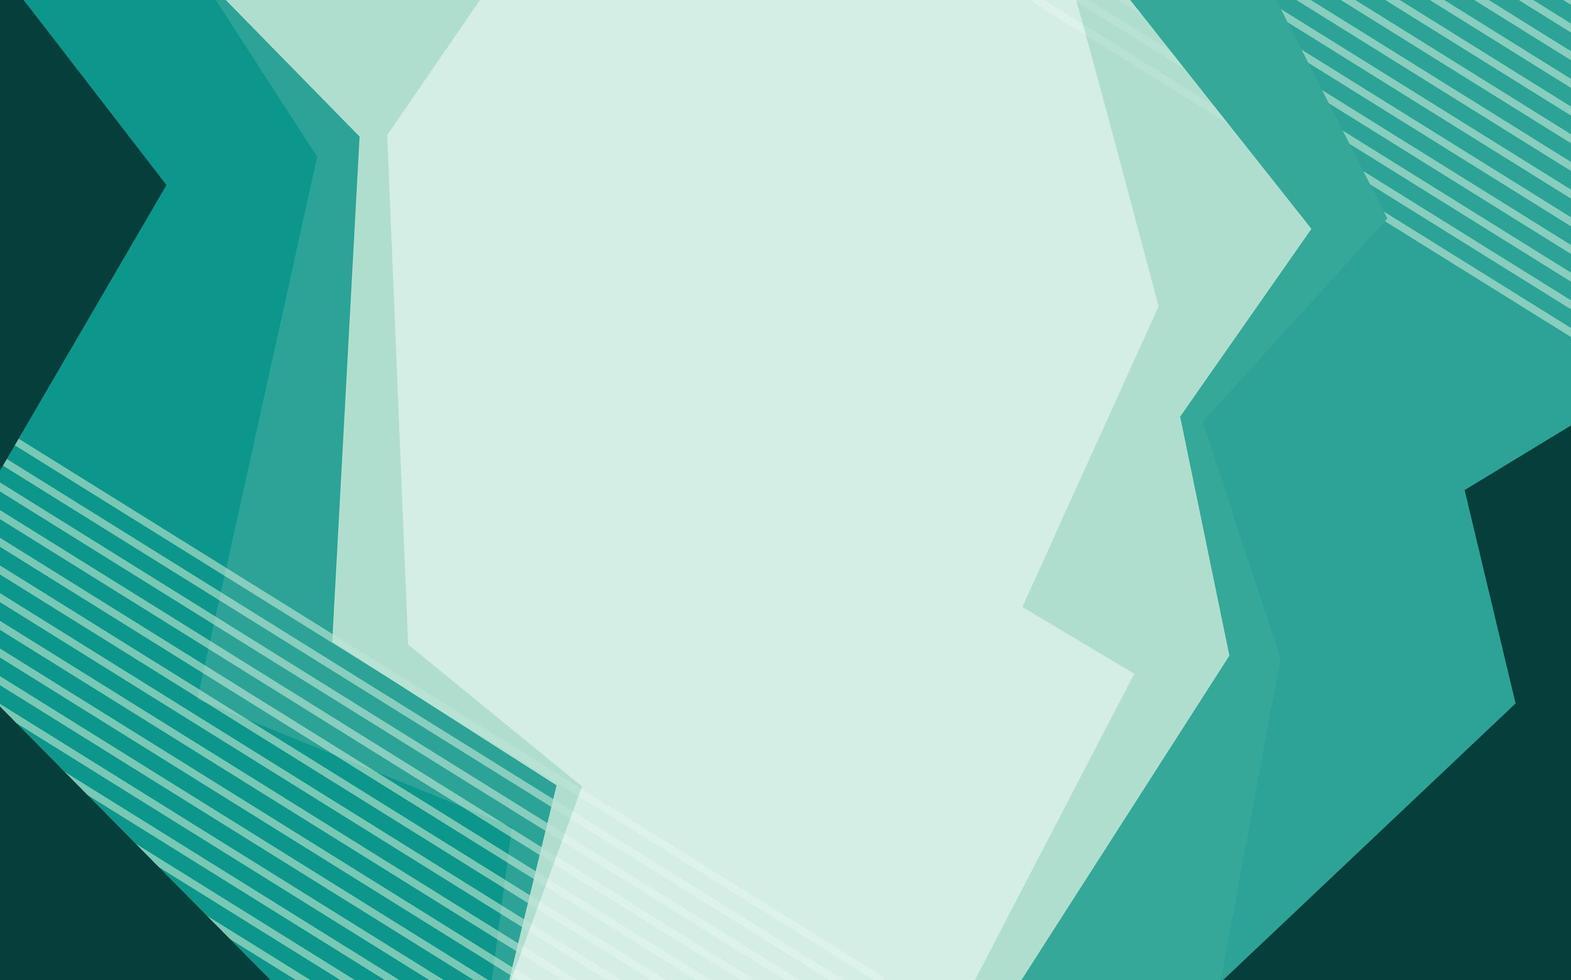 bakgrundsdesign med abstrakta mönster i grönt vektor